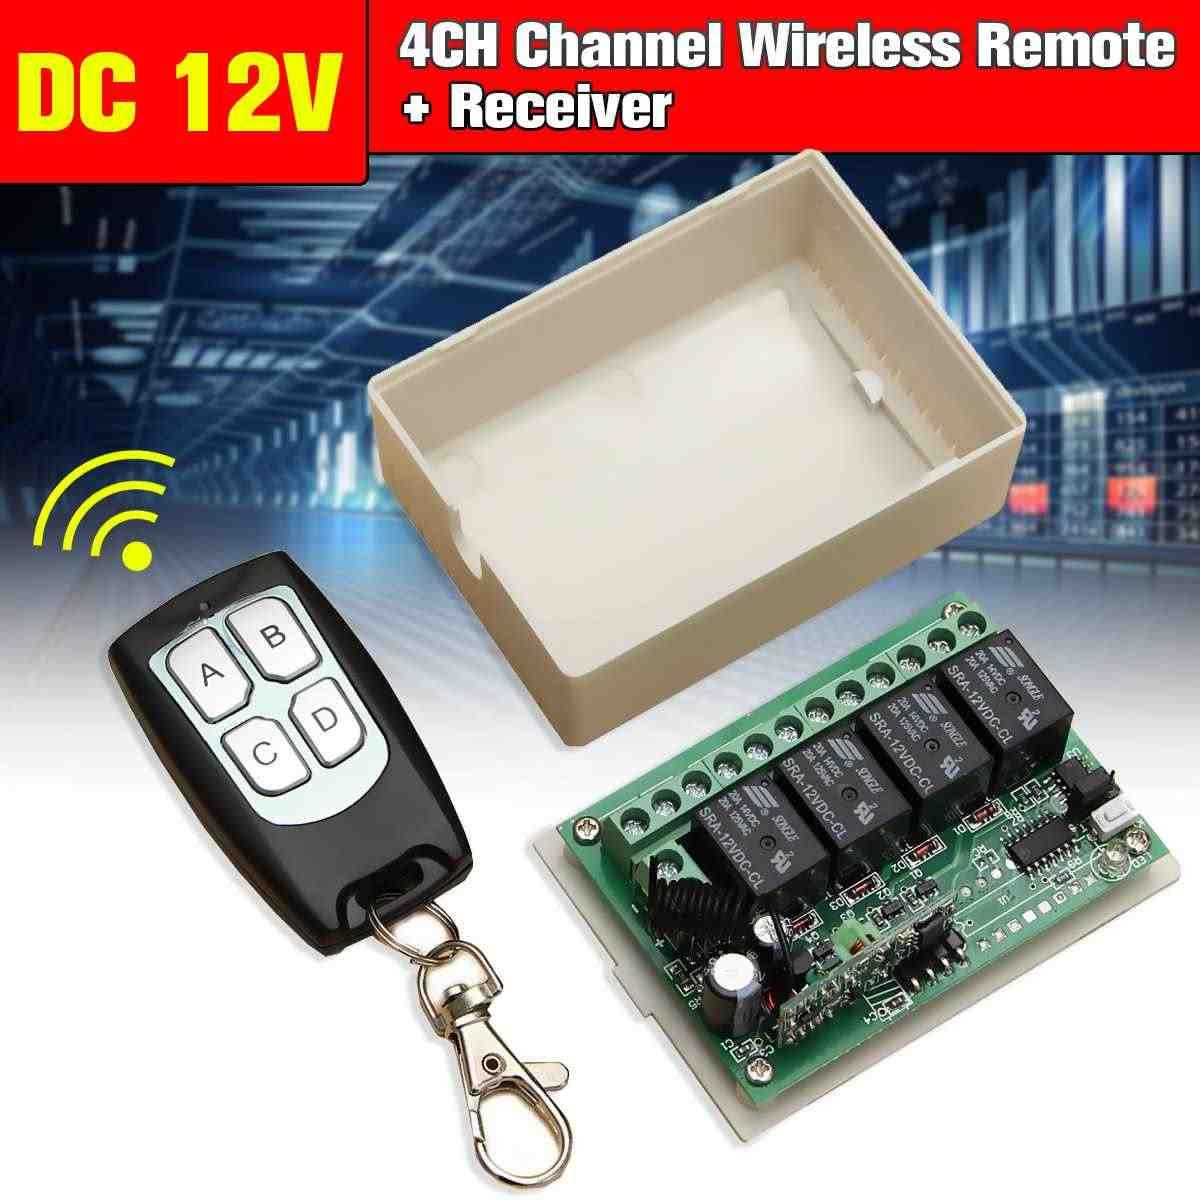 433mhz جهاز ريسيفر استقبال وإرسال وصول ل تيار مستمر 12 فولت 4CH قناة صغيرة لاسلكية للتحكم عن بعد راديو التبديل 200 متر حساسية عالية